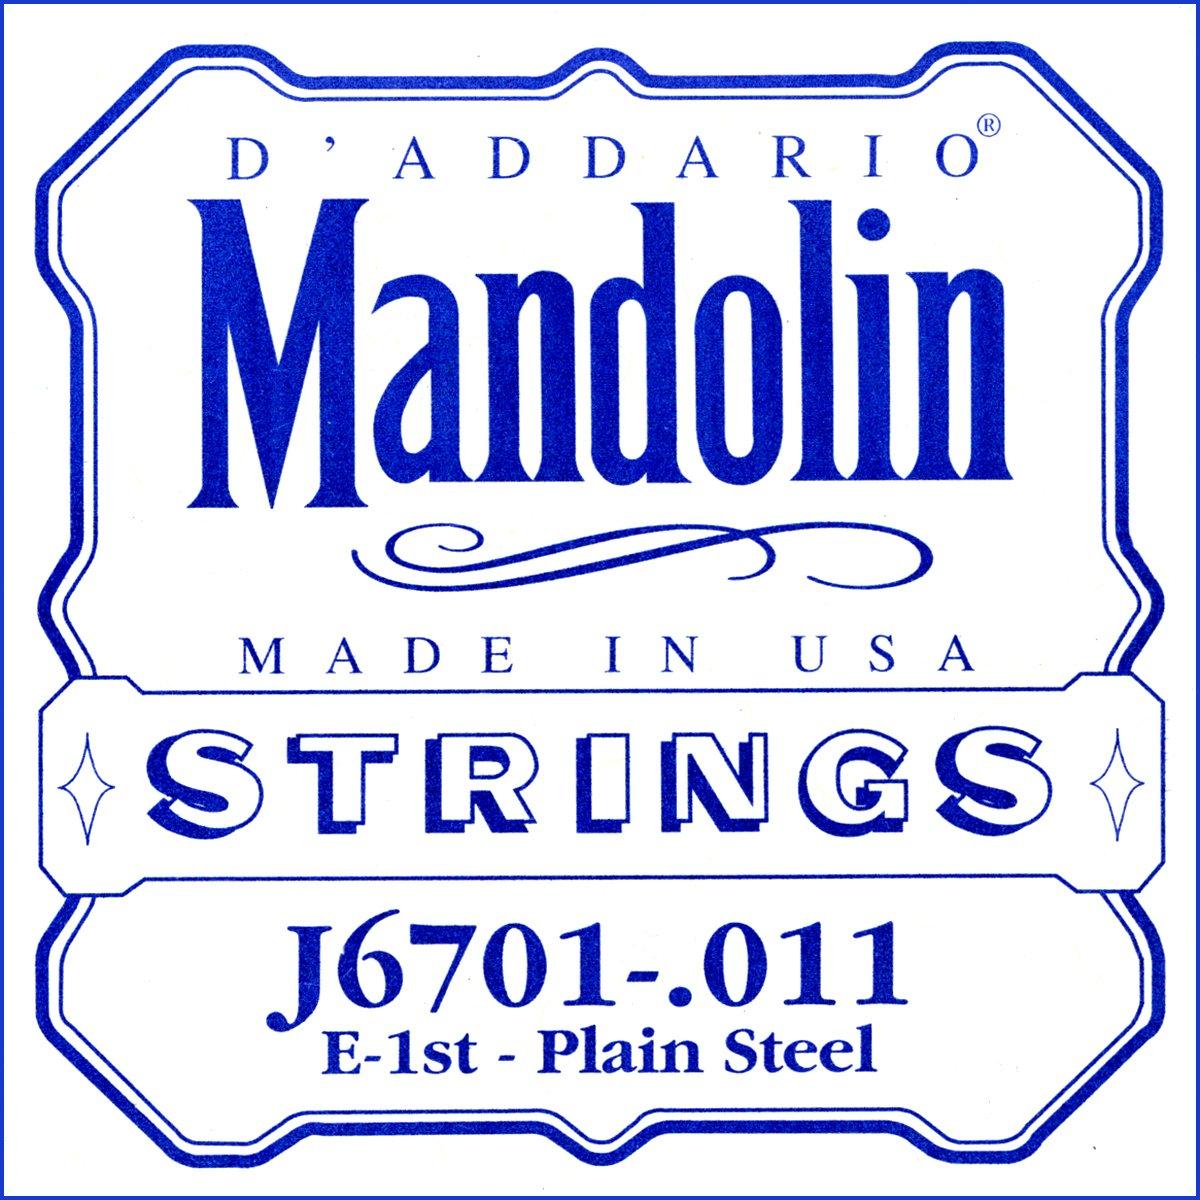 D'Addario J6701 Nickel Mandolin Single String, .011 D'Addario